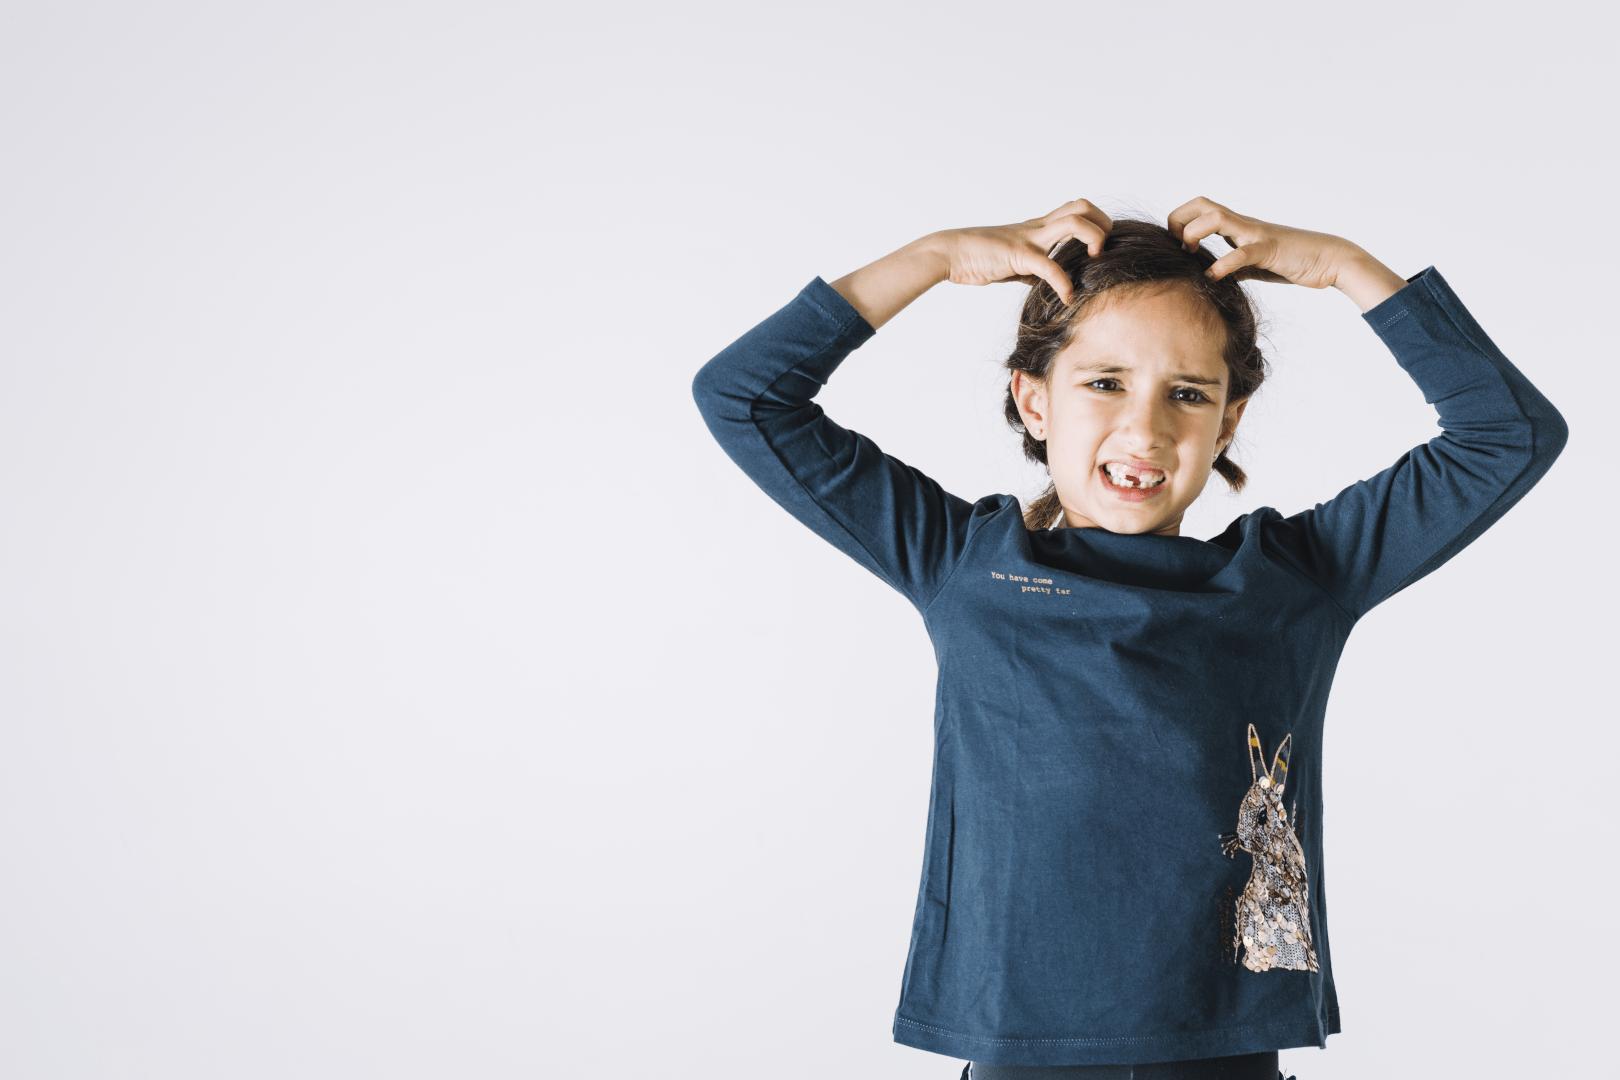 estresse crianca brava com as maos na cabeca